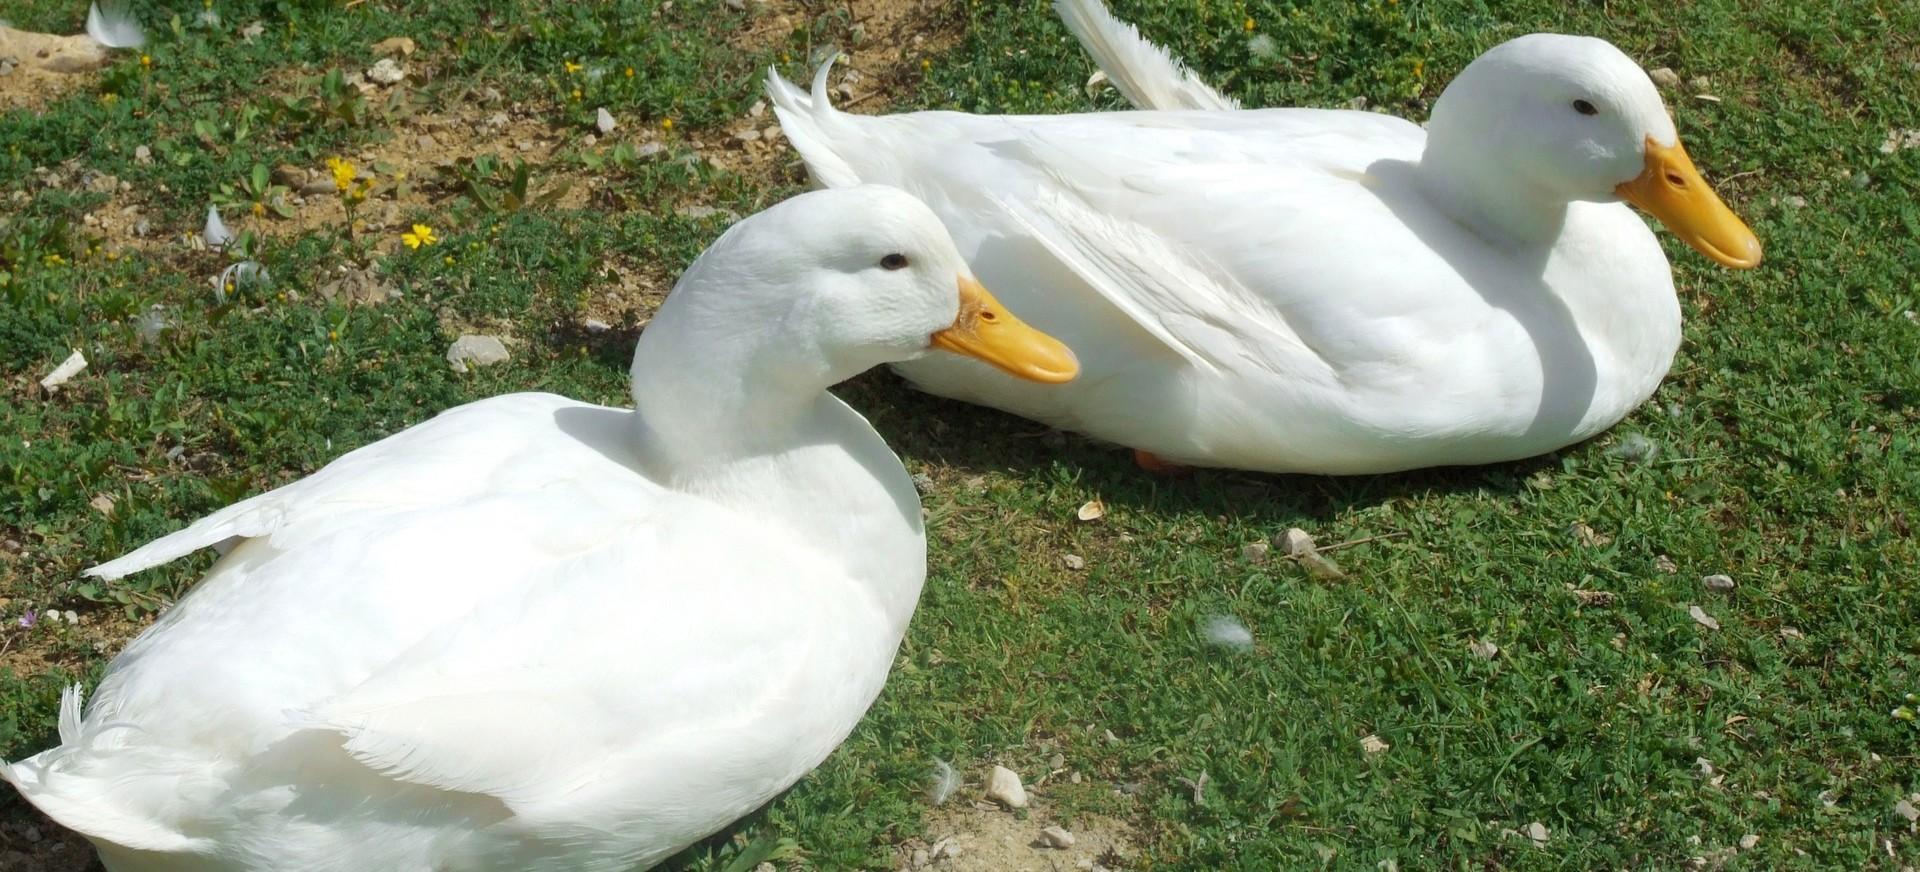 PODKARPACIE: 34-latek ukradł i zjadł dwie kaczki!